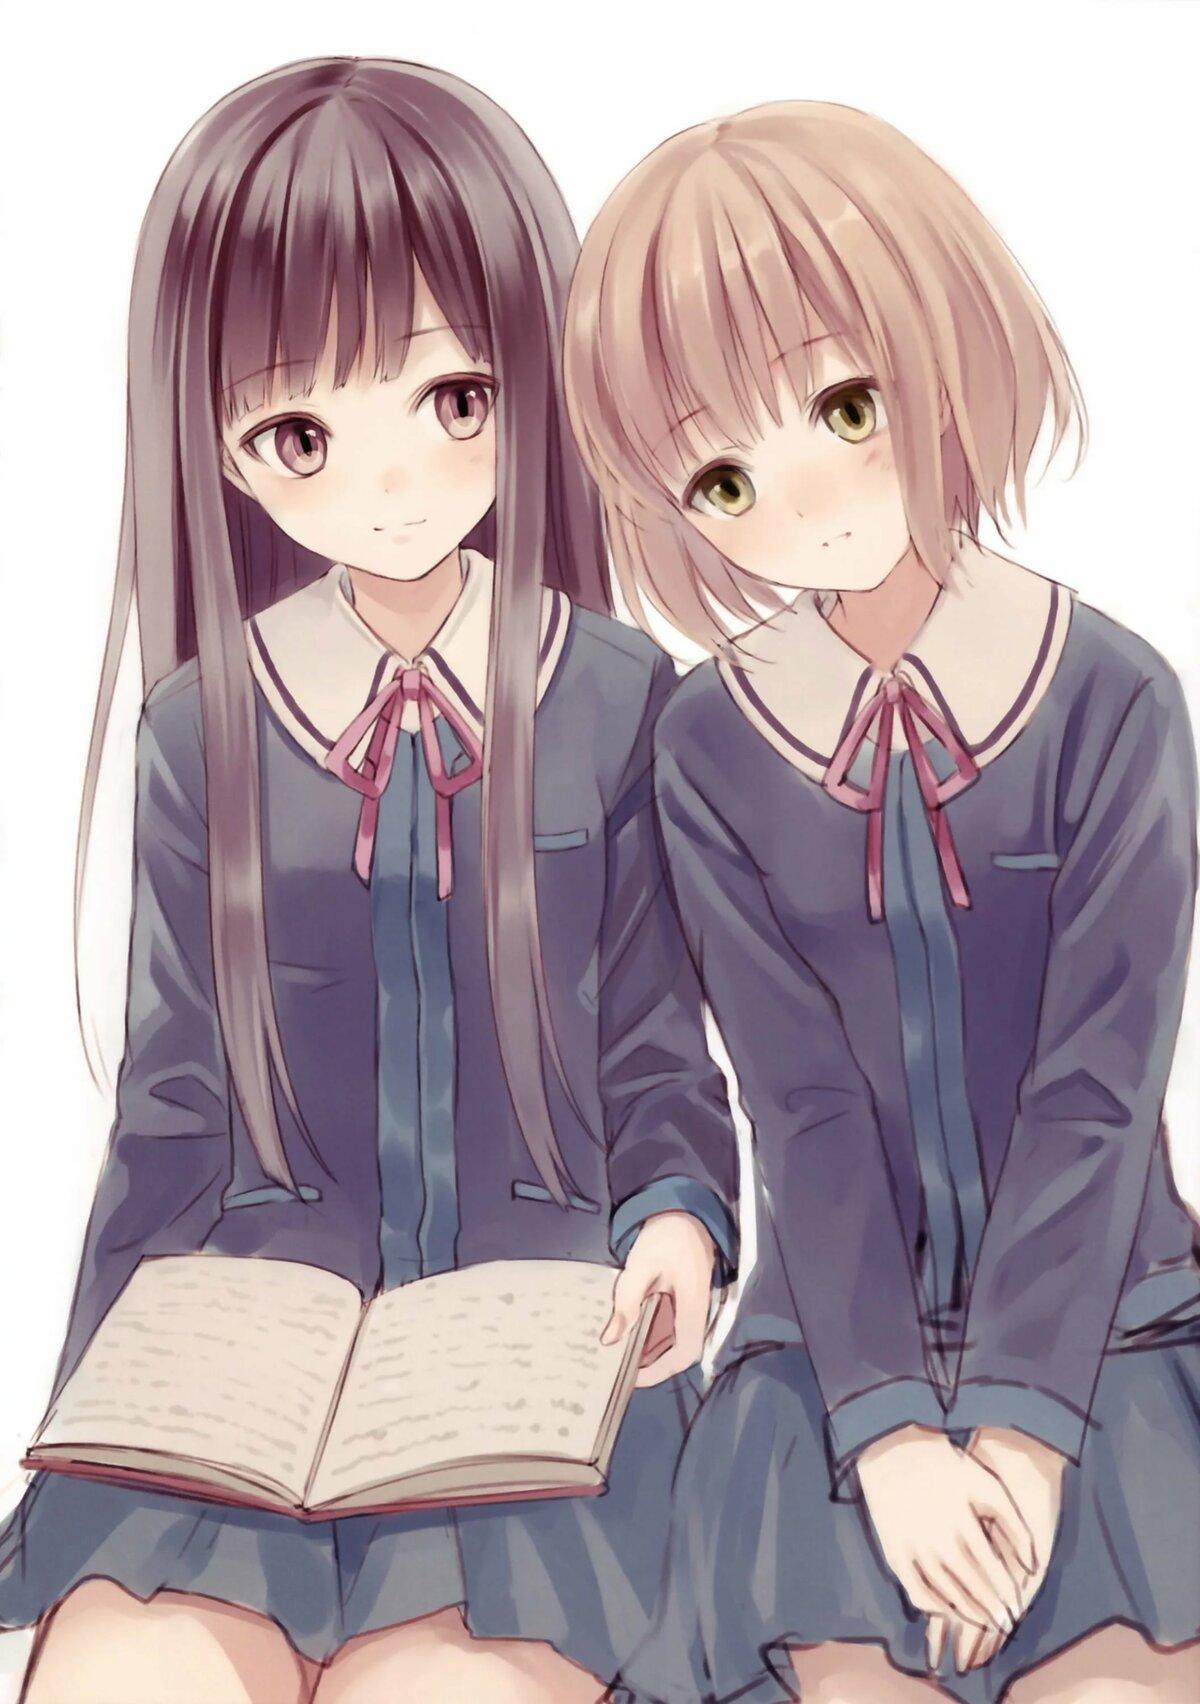 Картинки для подруги аниме, пожеланиями спокойной